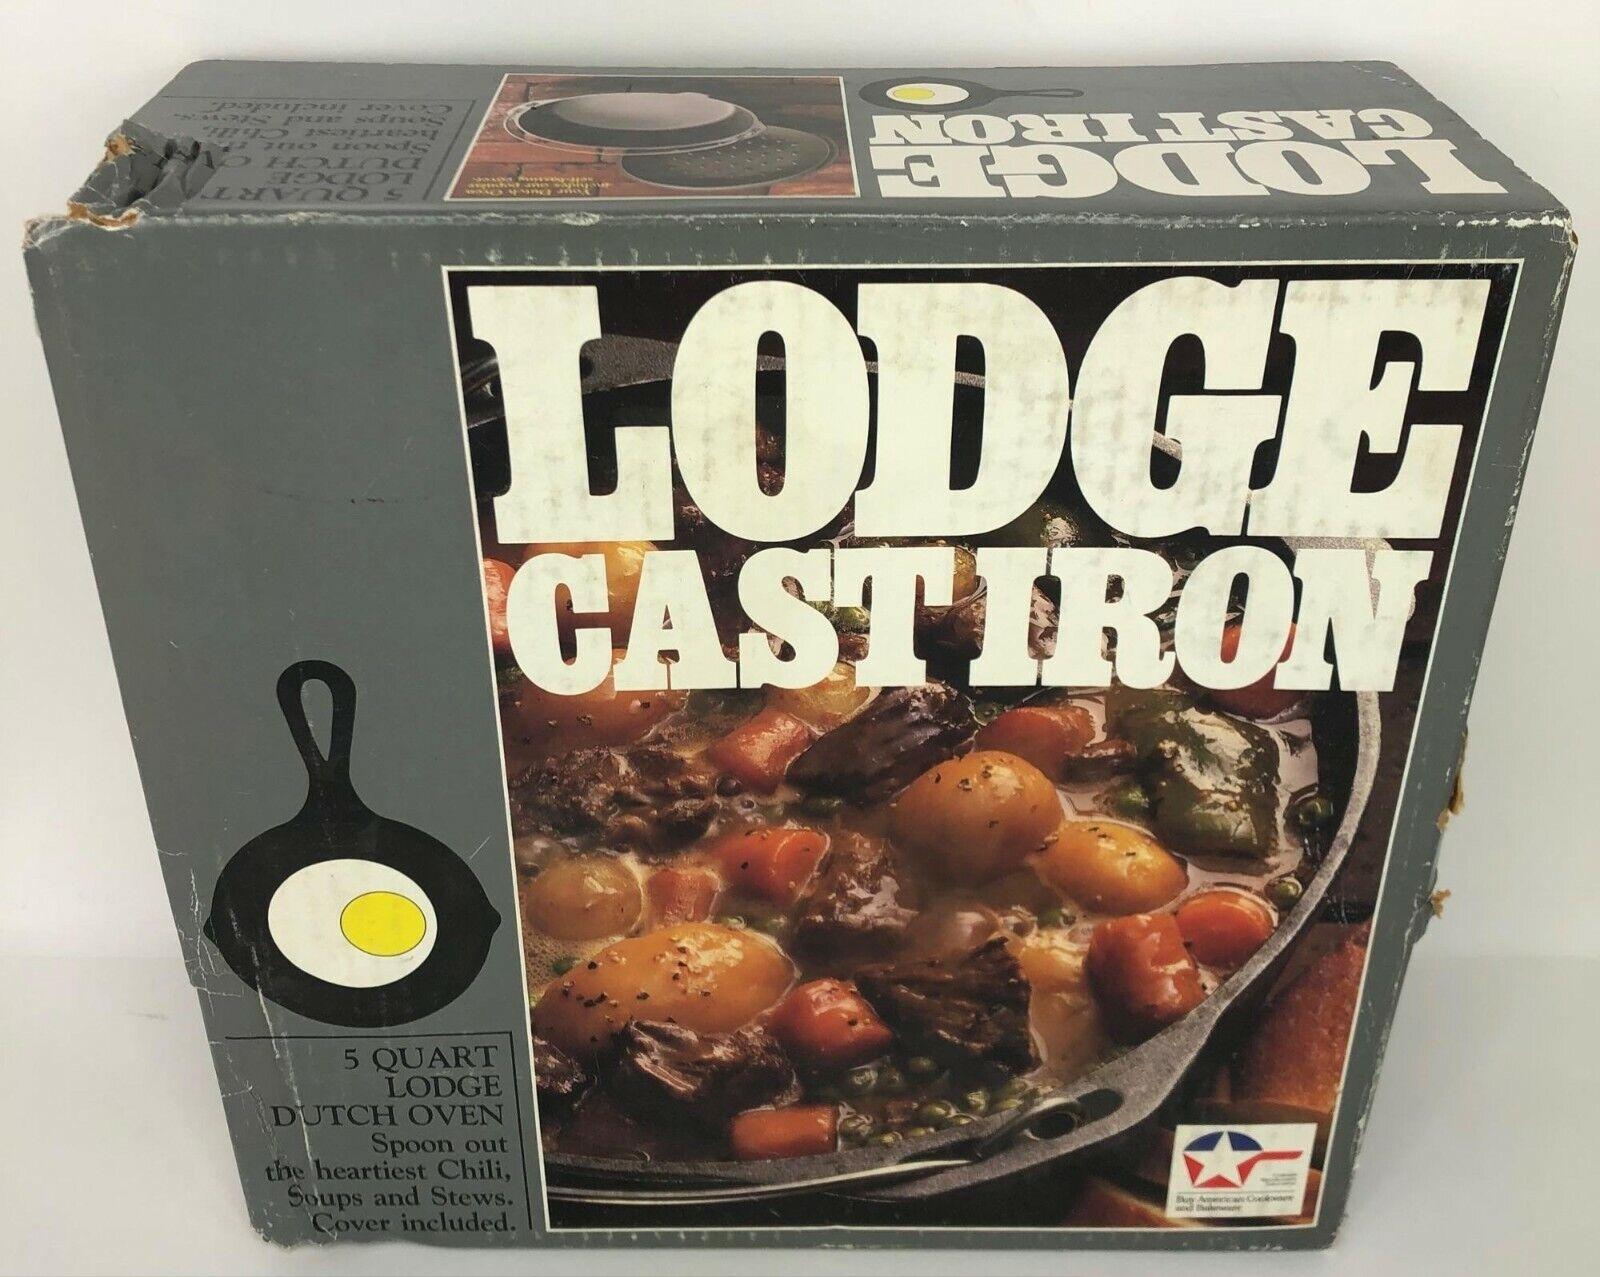 NEW Vintage Lodge Cast Iron 5 QT Dutch Oven